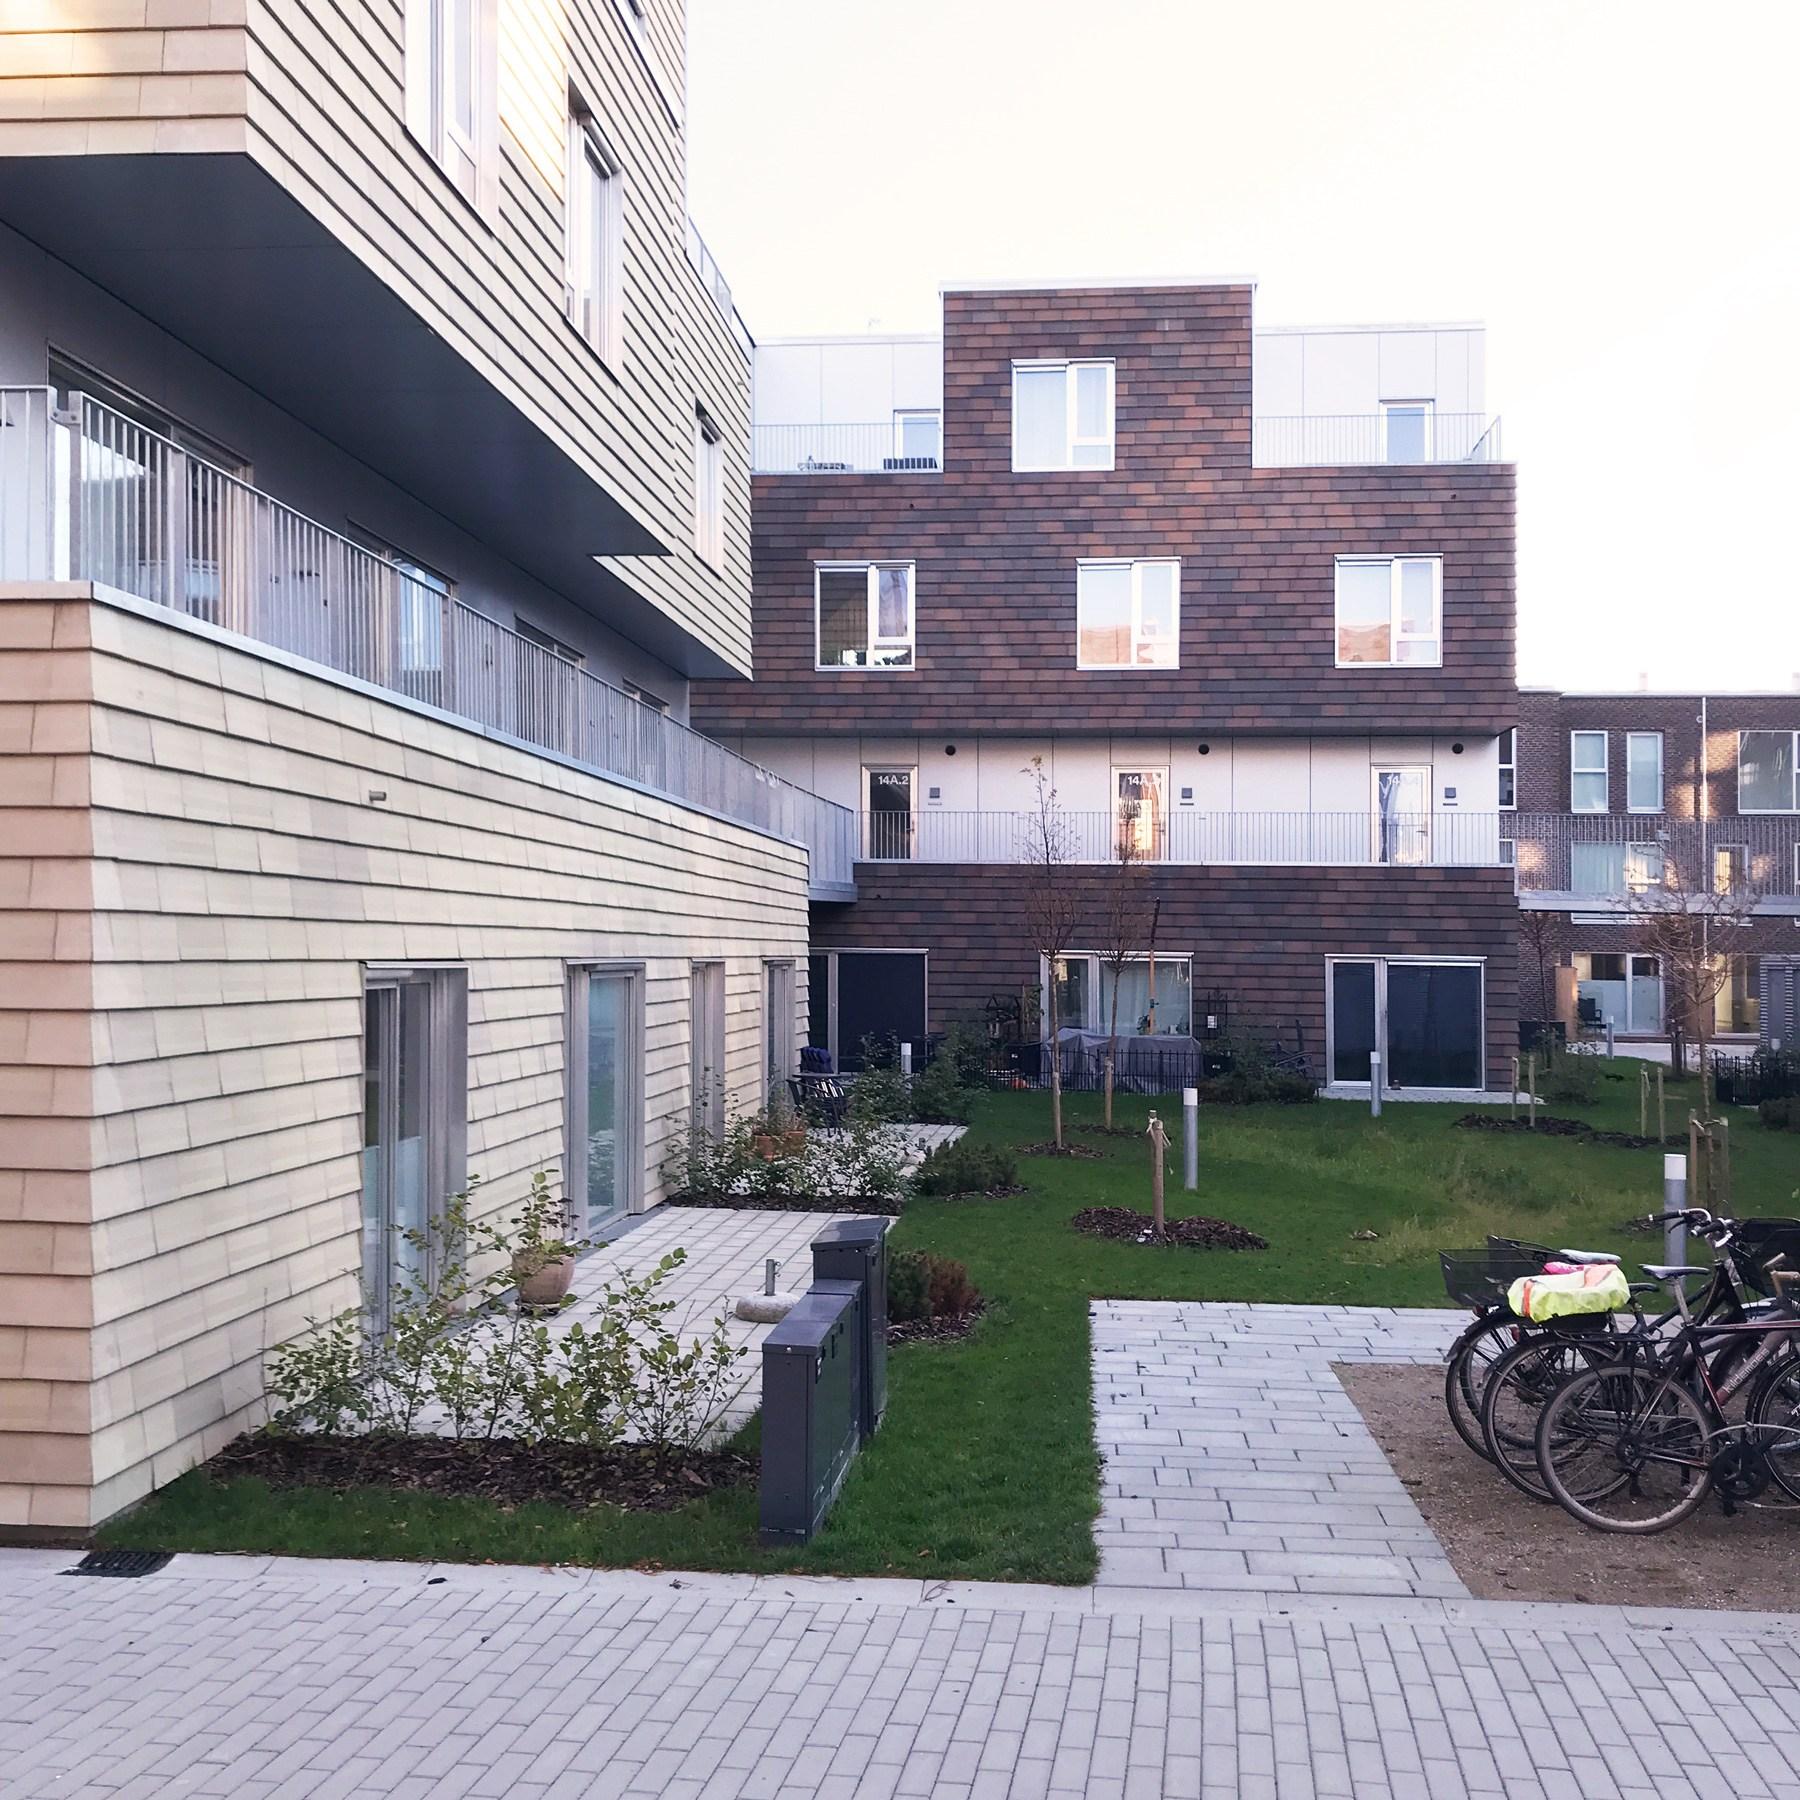 Skovkvarteret-Ørestaden-ONV-arkitekter-København-præfab-boliger-Prefabricated-housing-2